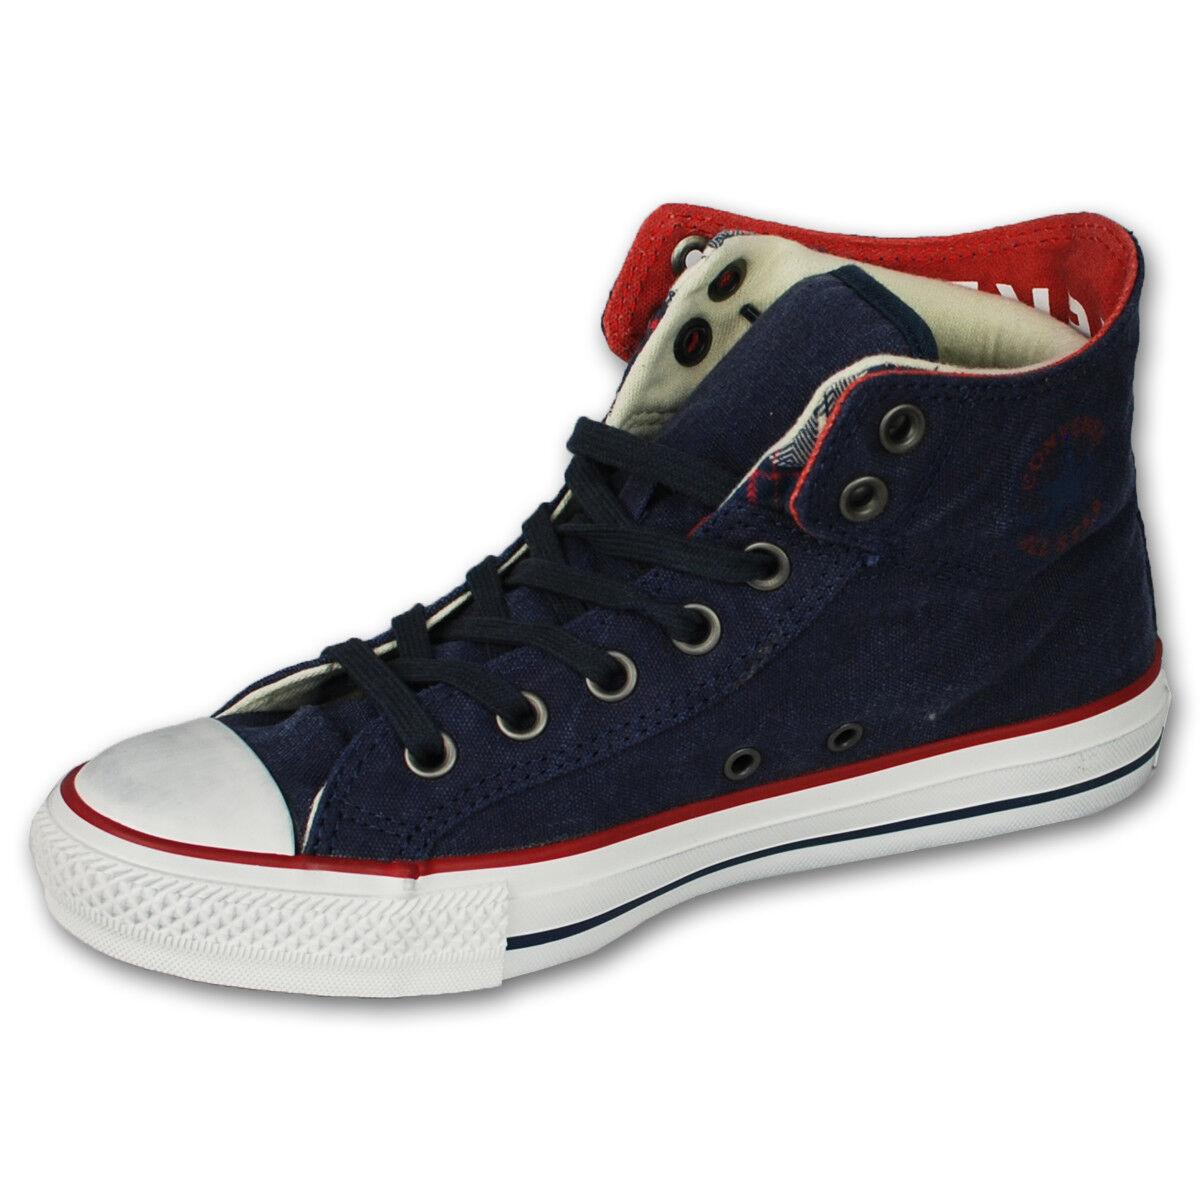 Da Uomo Pompe Tela Scarpe da ginnastica CONVERSE ALL STAR Scarpa Casual Sneaker Lacci Scarpe classiche da uomo